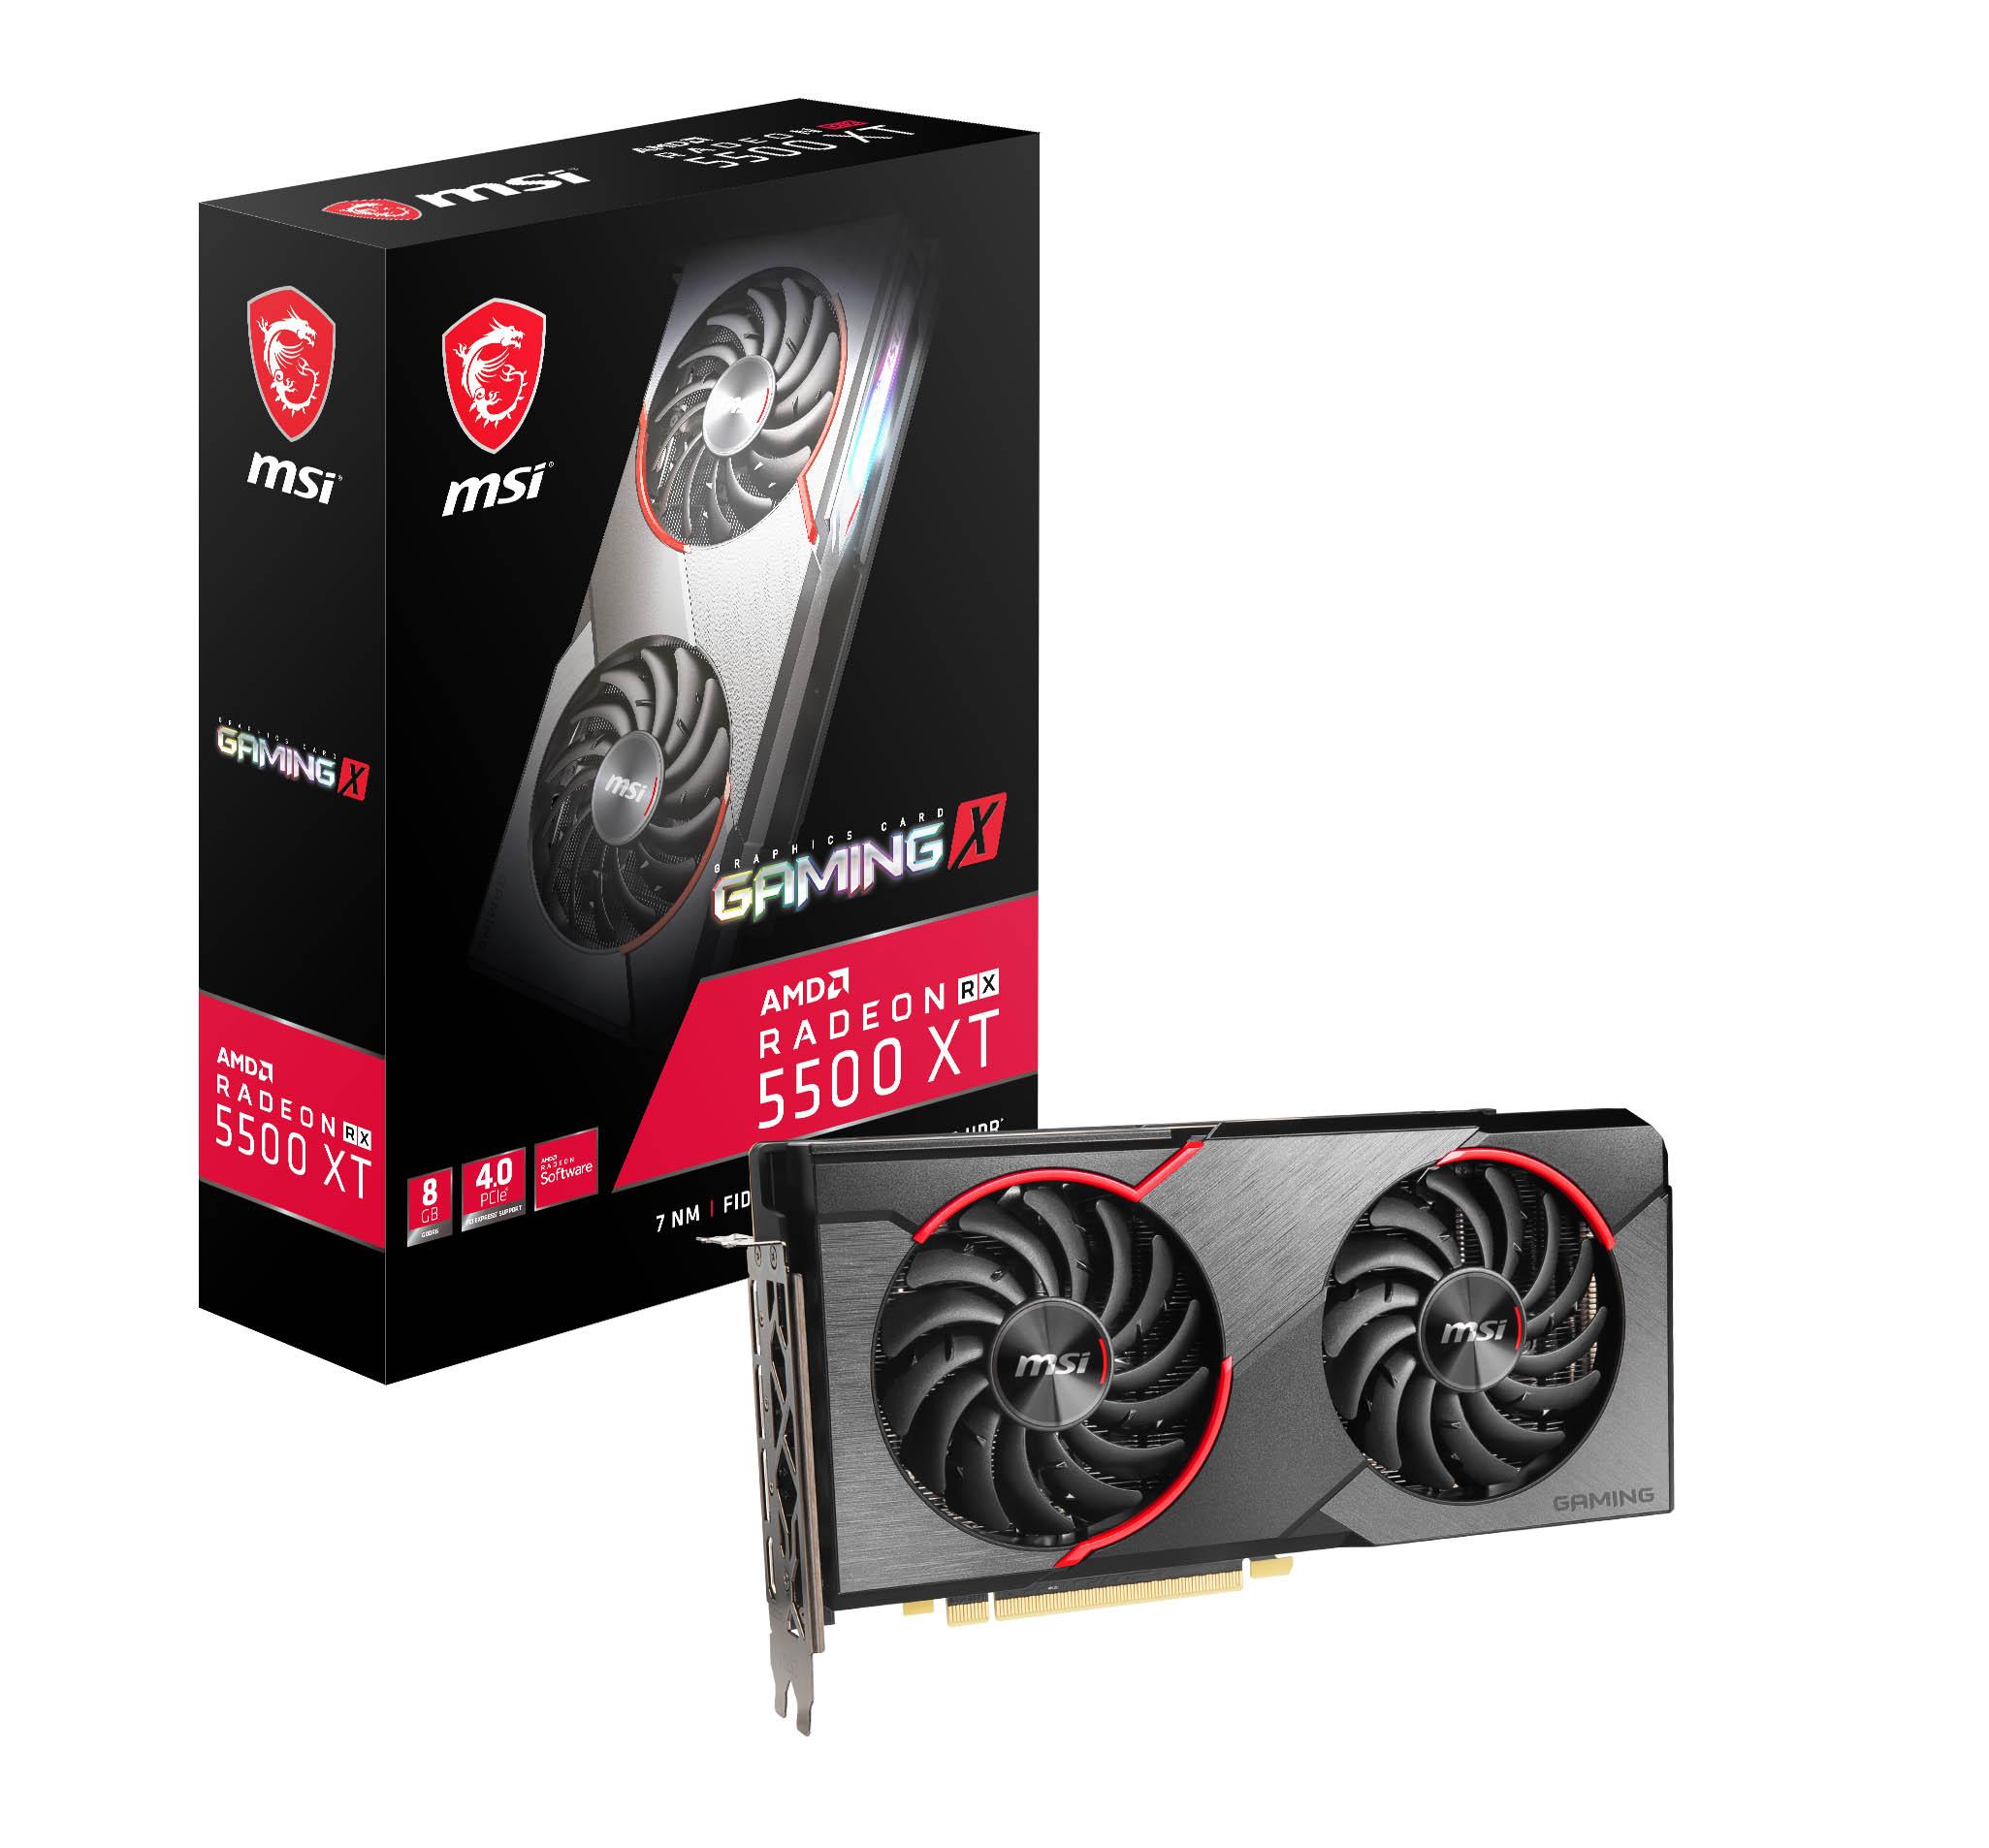 Radeon RX 5500 XT ufficiale: la GPU per il gaming FullHD 3